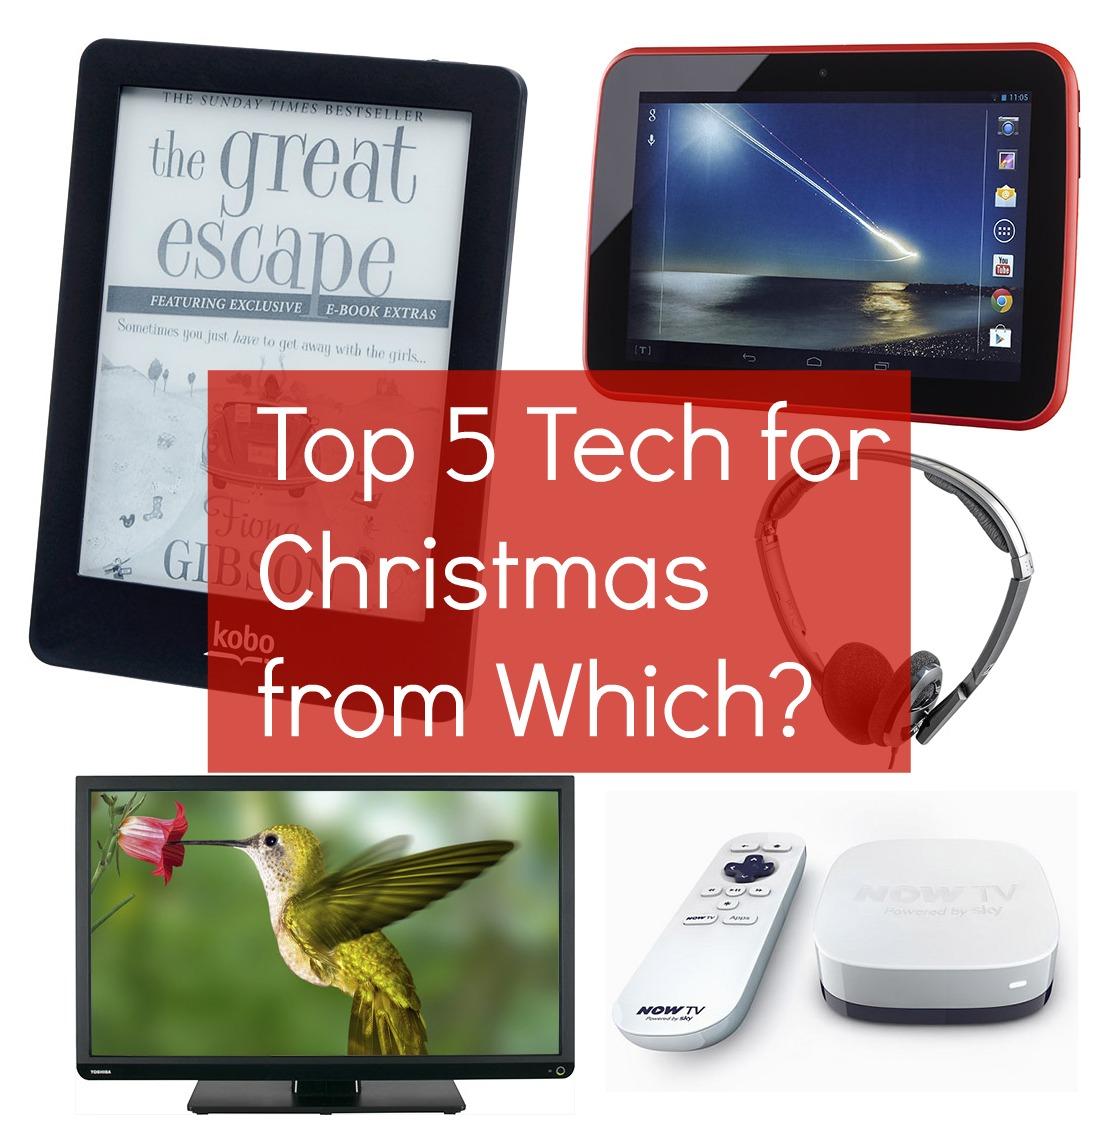 Top 5 Tech for Christmas